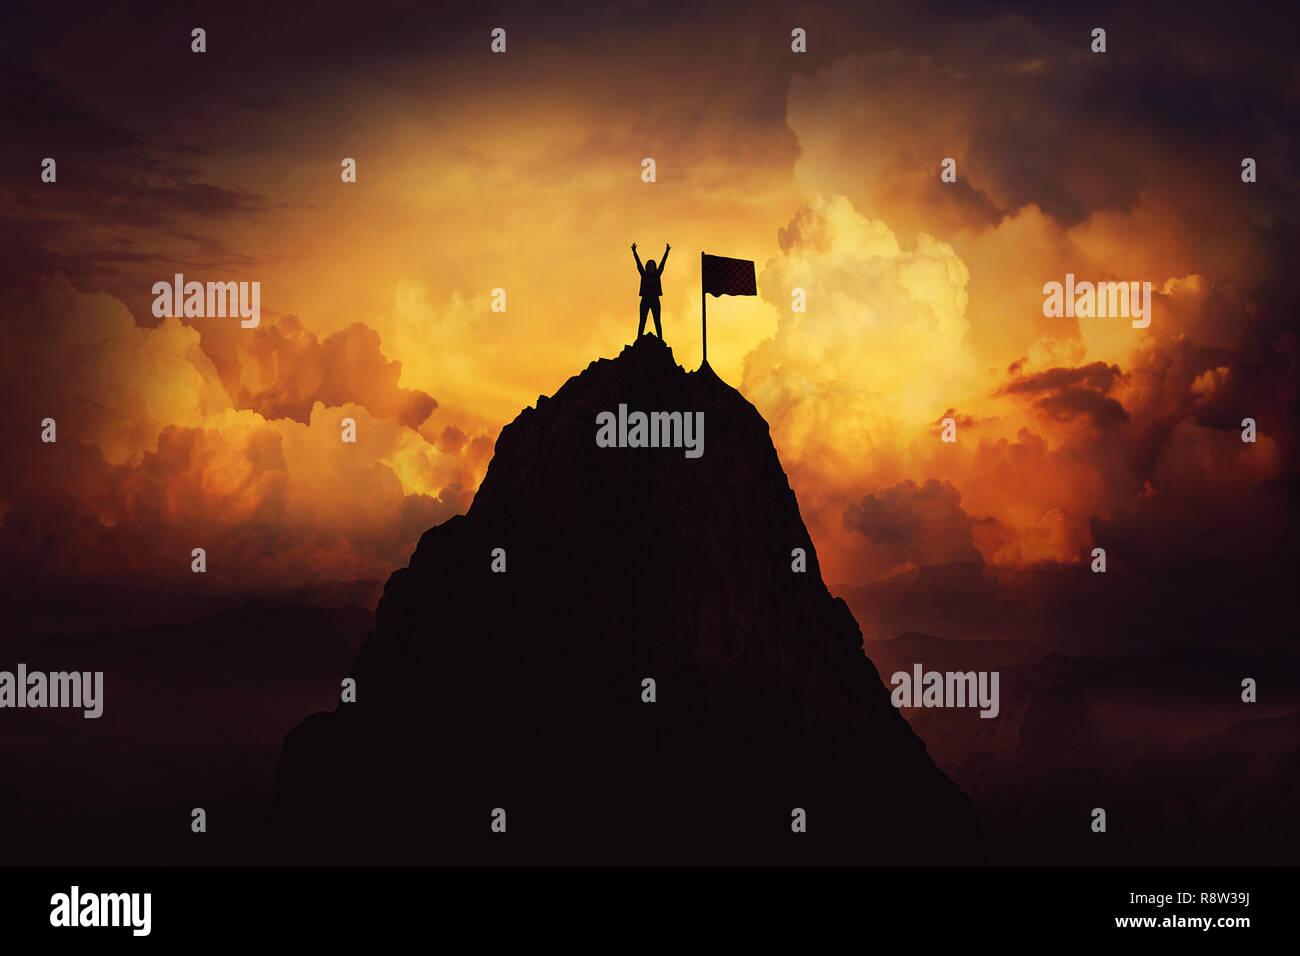 Obstáculo a superar como una mujer levantar las manos arriba en la cima de una montaña, alcanzando la marca de final. Celebrar la victoria y éxito en el atardecer de fondo. G Imagen De Stock